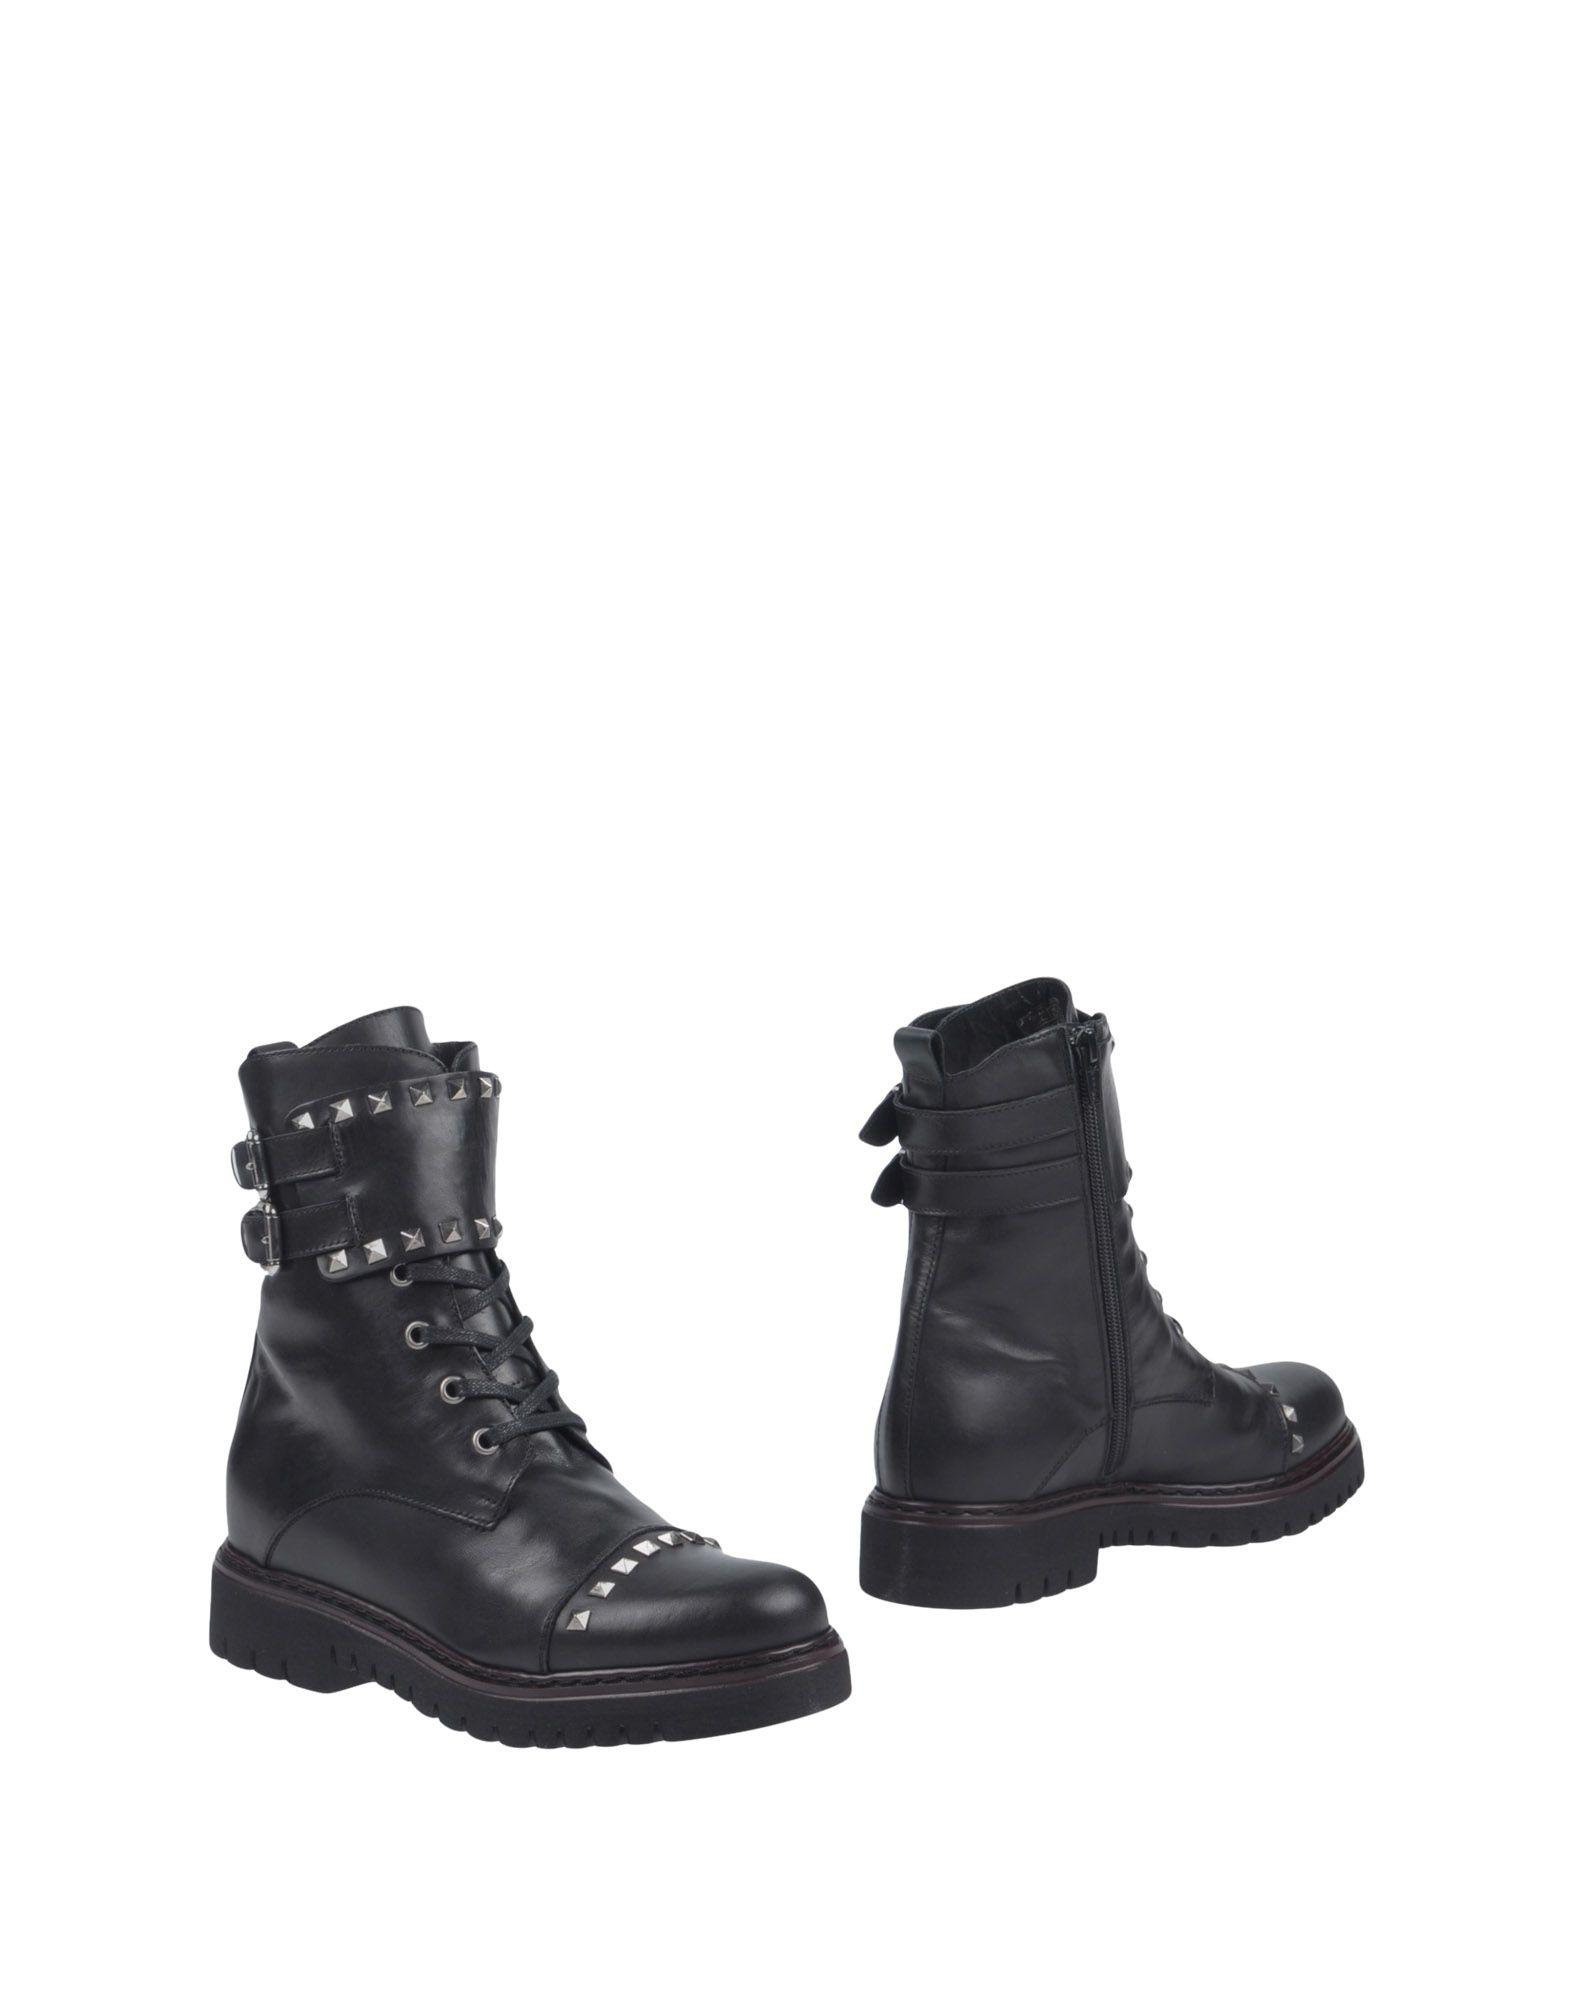 Gut Passeri um billige Schuhe zu tragenEmanuela Passeri Gut Stiefelette Damen  11444662UN 91fd7b